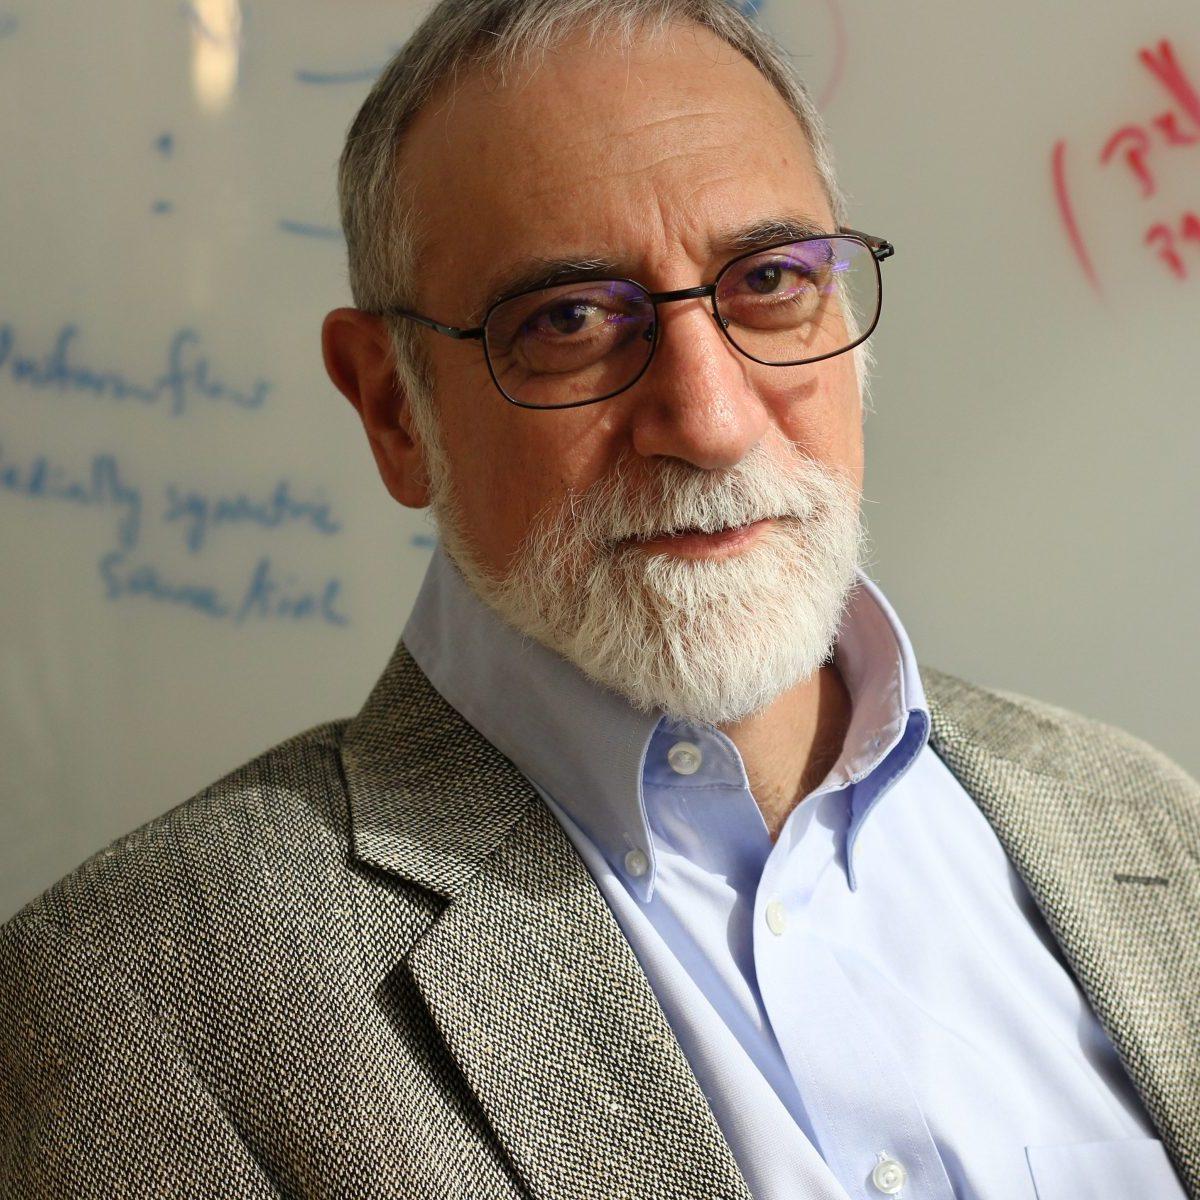 Dan Koditschek